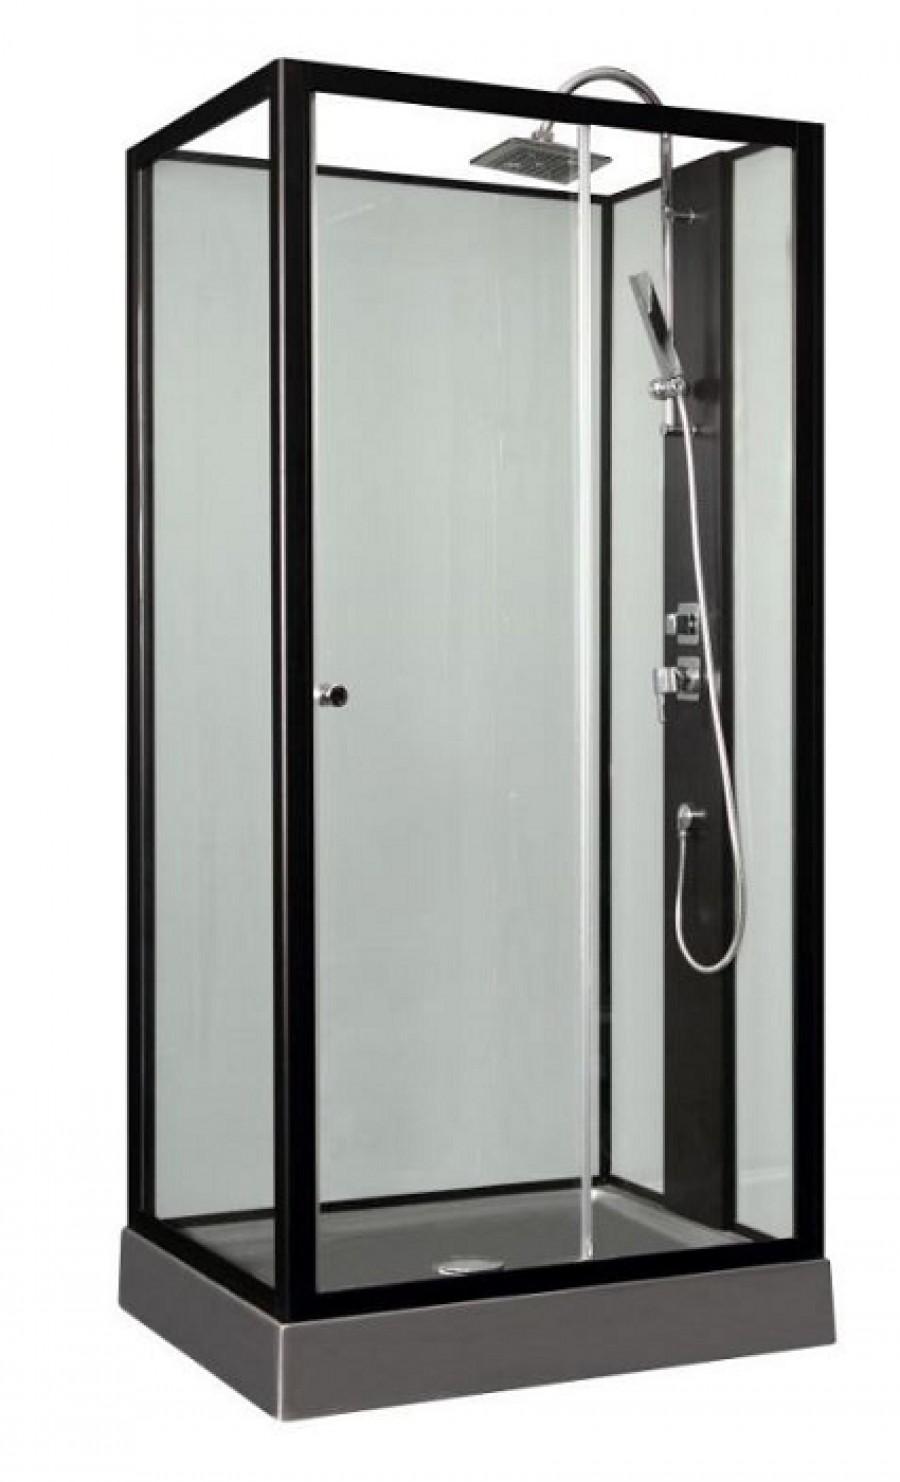 cabine de douche astoria gris 100x80 meuble de salle de bain douche baignoire. Black Bedroom Furniture Sets. Home Design Ideas